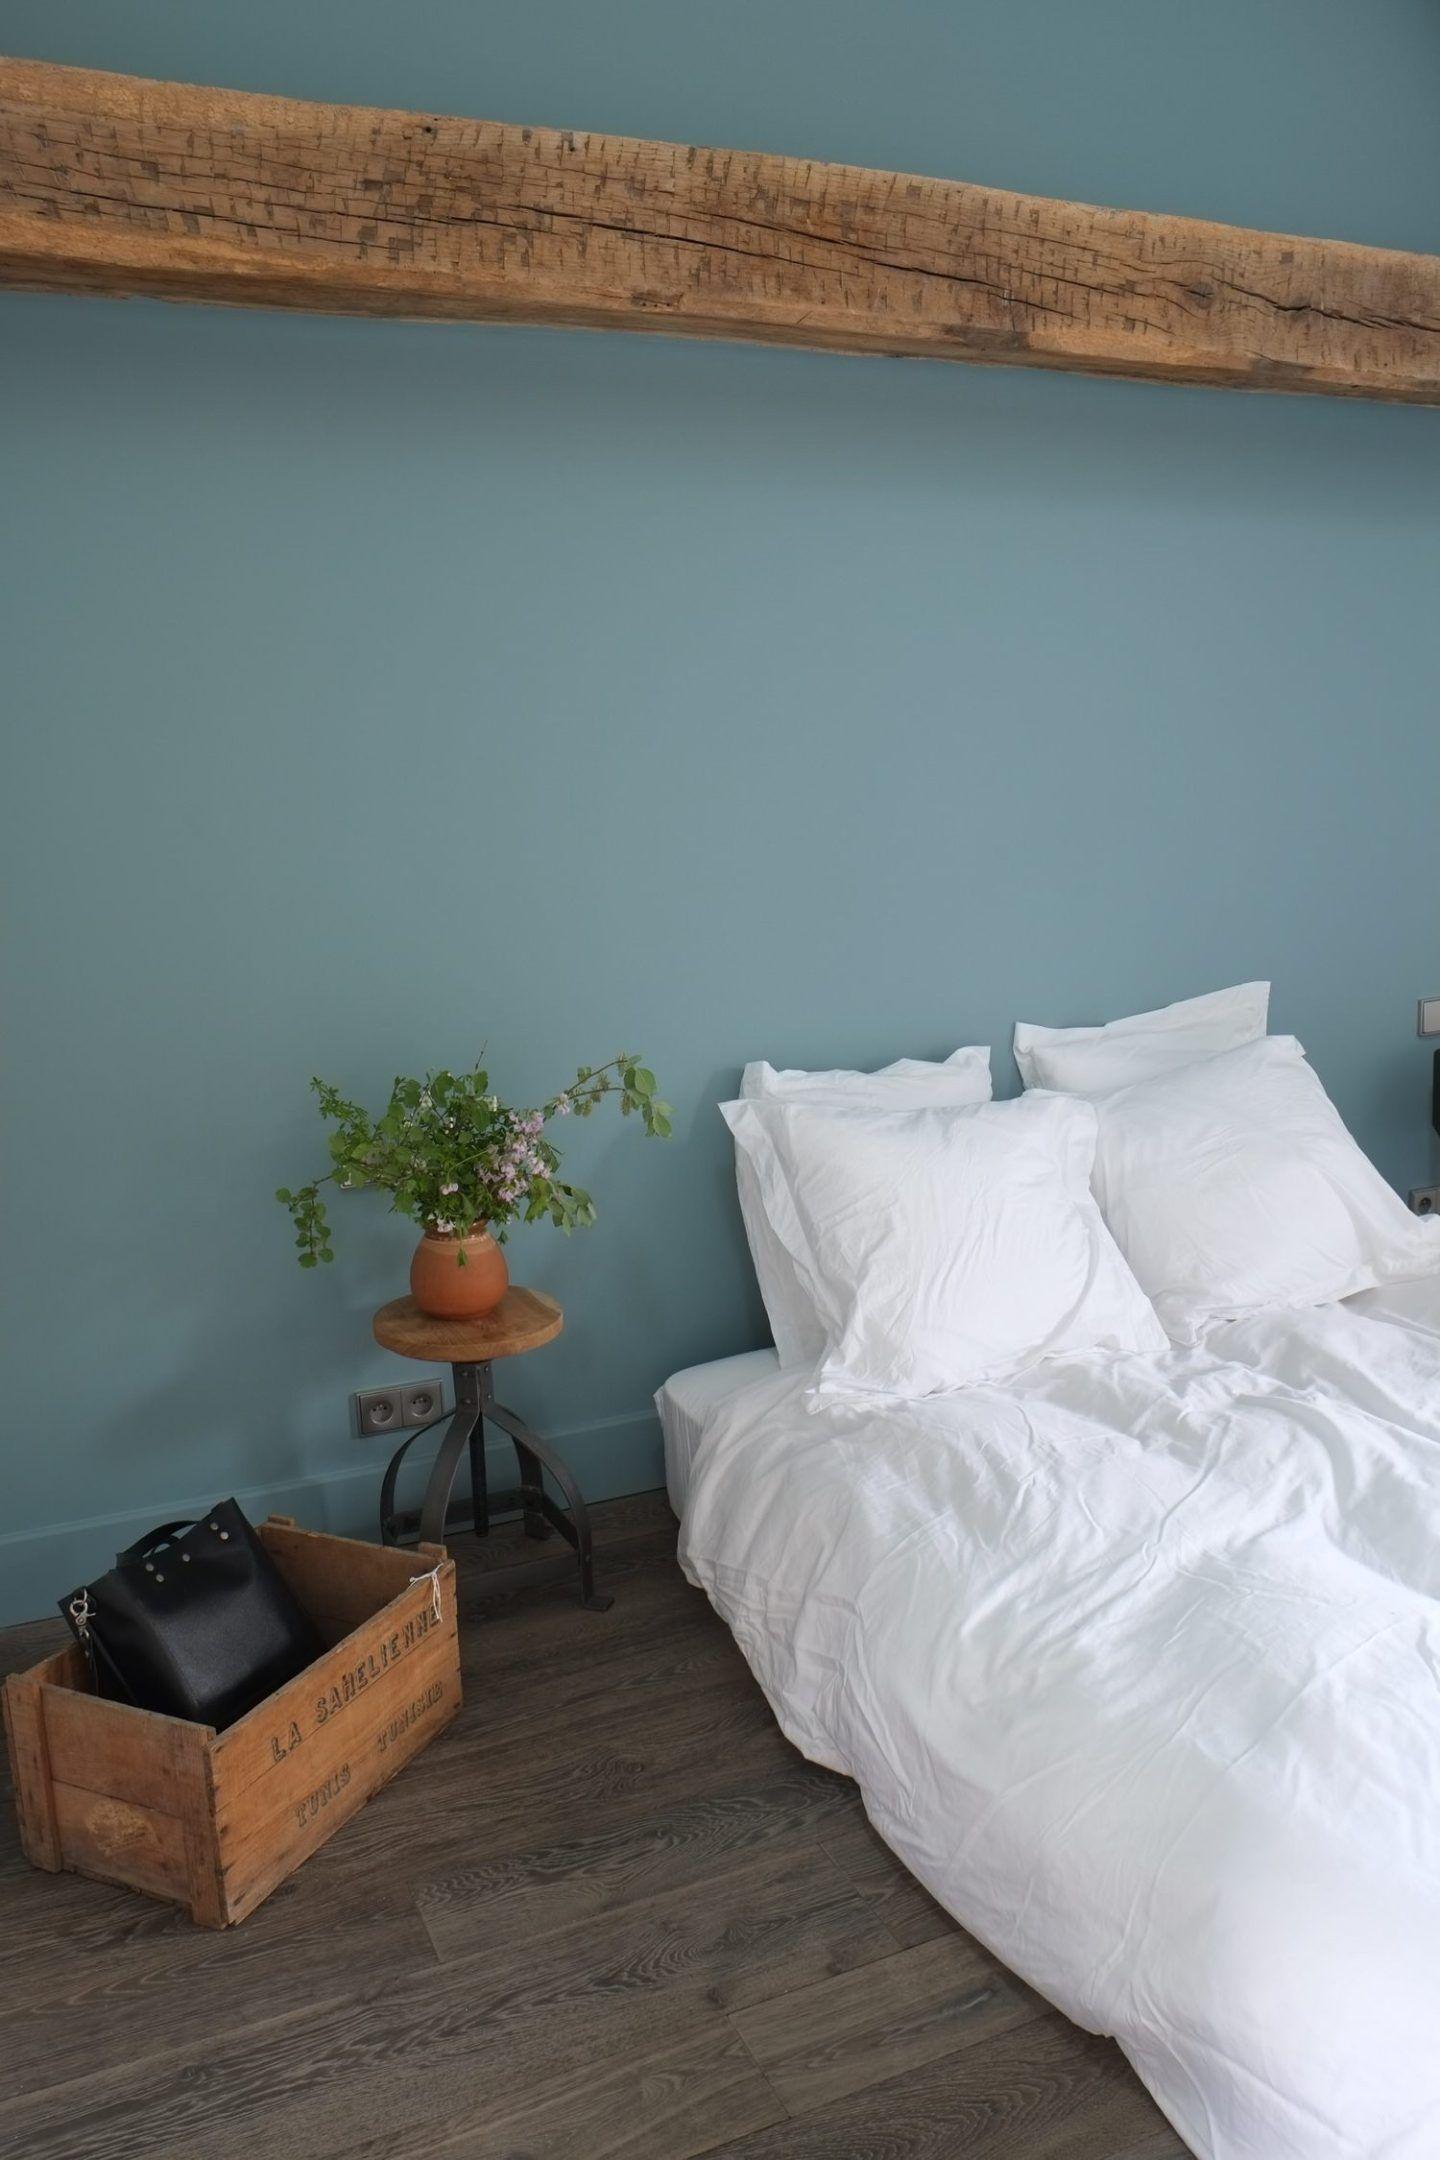 R novation d 39 une maison de campagne par des architectes peinture deco chambre peinture - Renovation maison de campagne ...